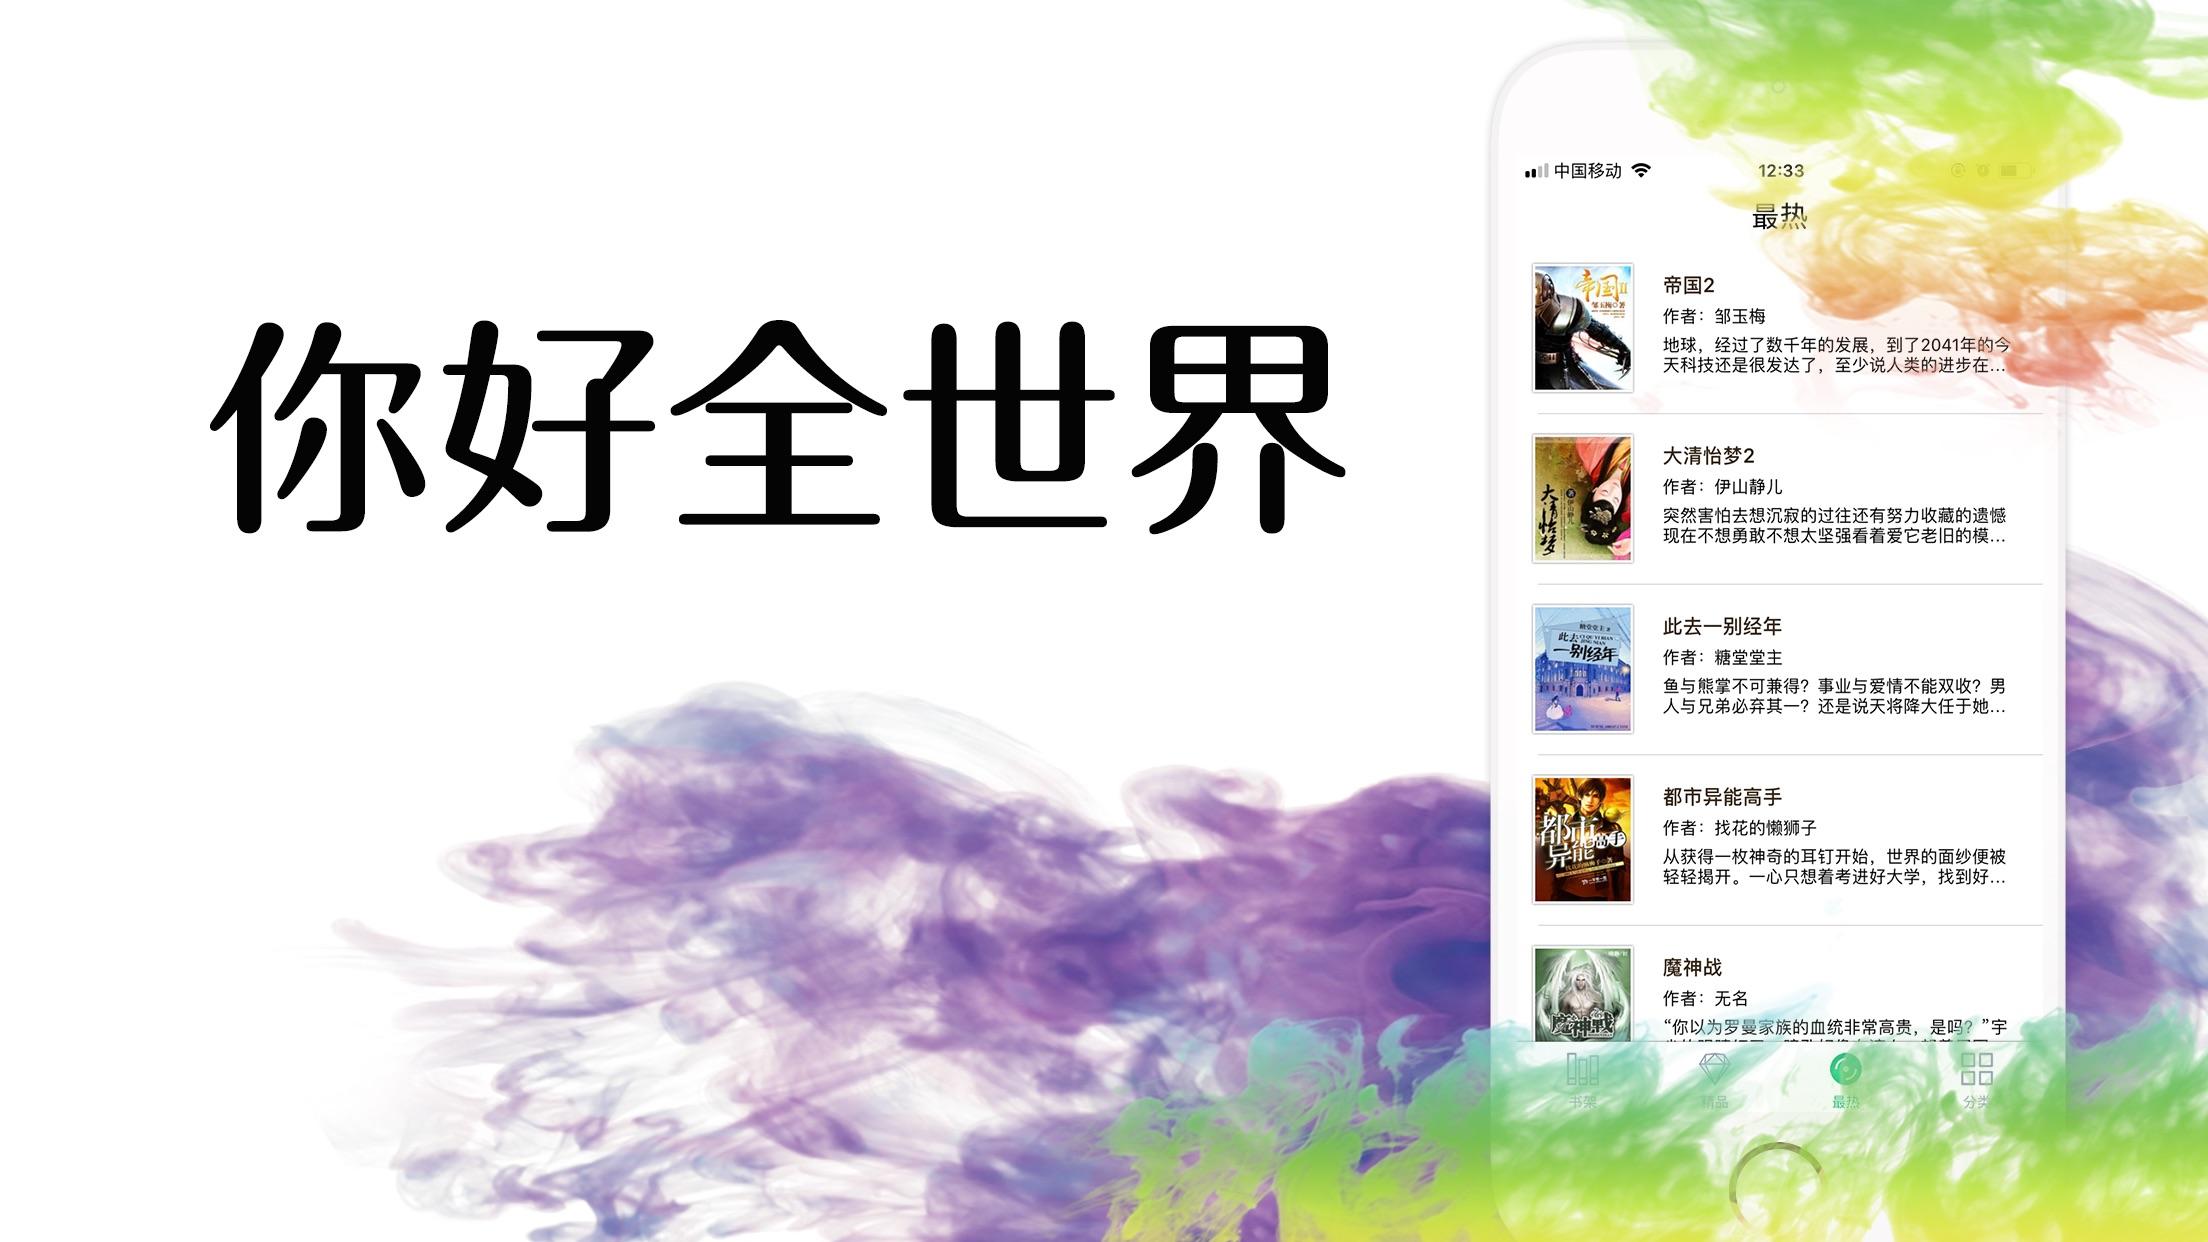 好看小说-免追书全本小说大全阅读器 Screenshot